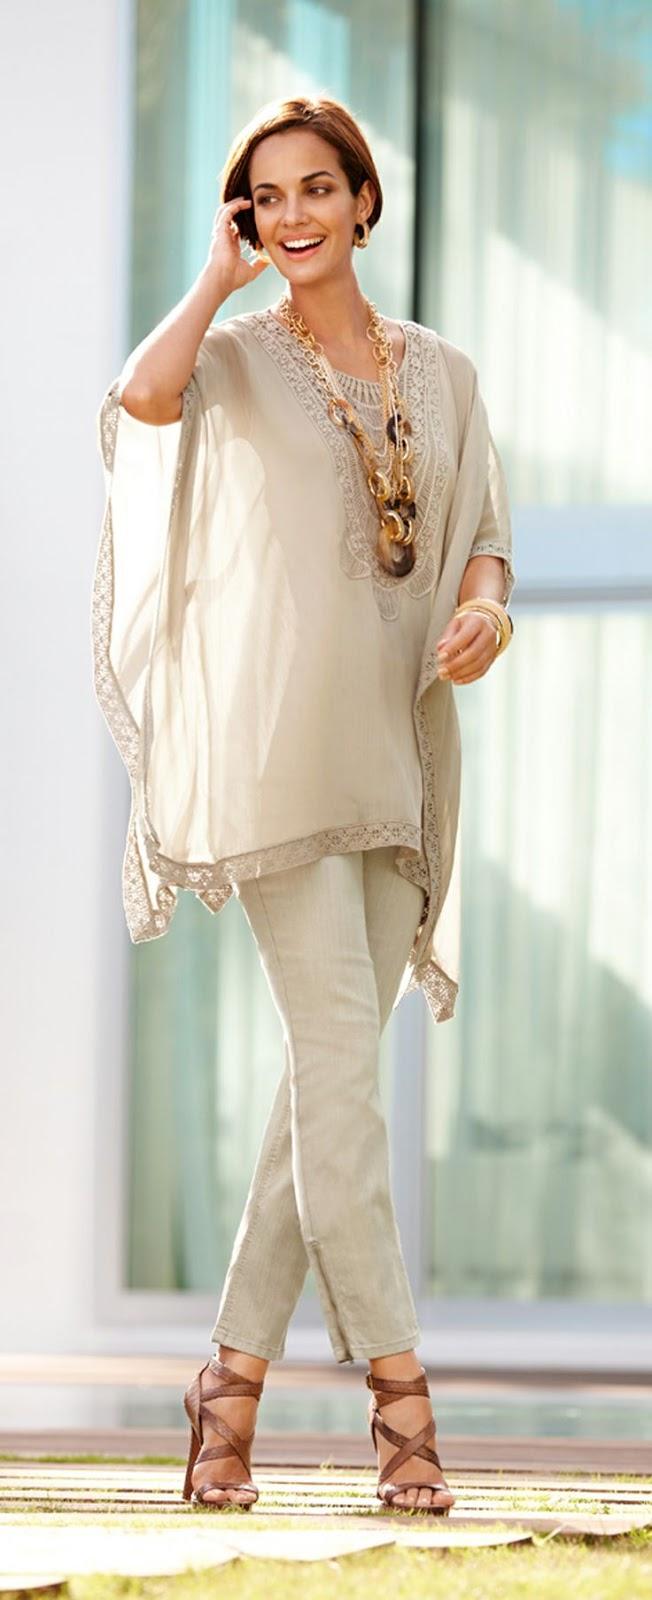 f1f074f4d3 Para las más arriesgadas les proponemos llevar de una manera elegante  pantalones con estampados como tribales